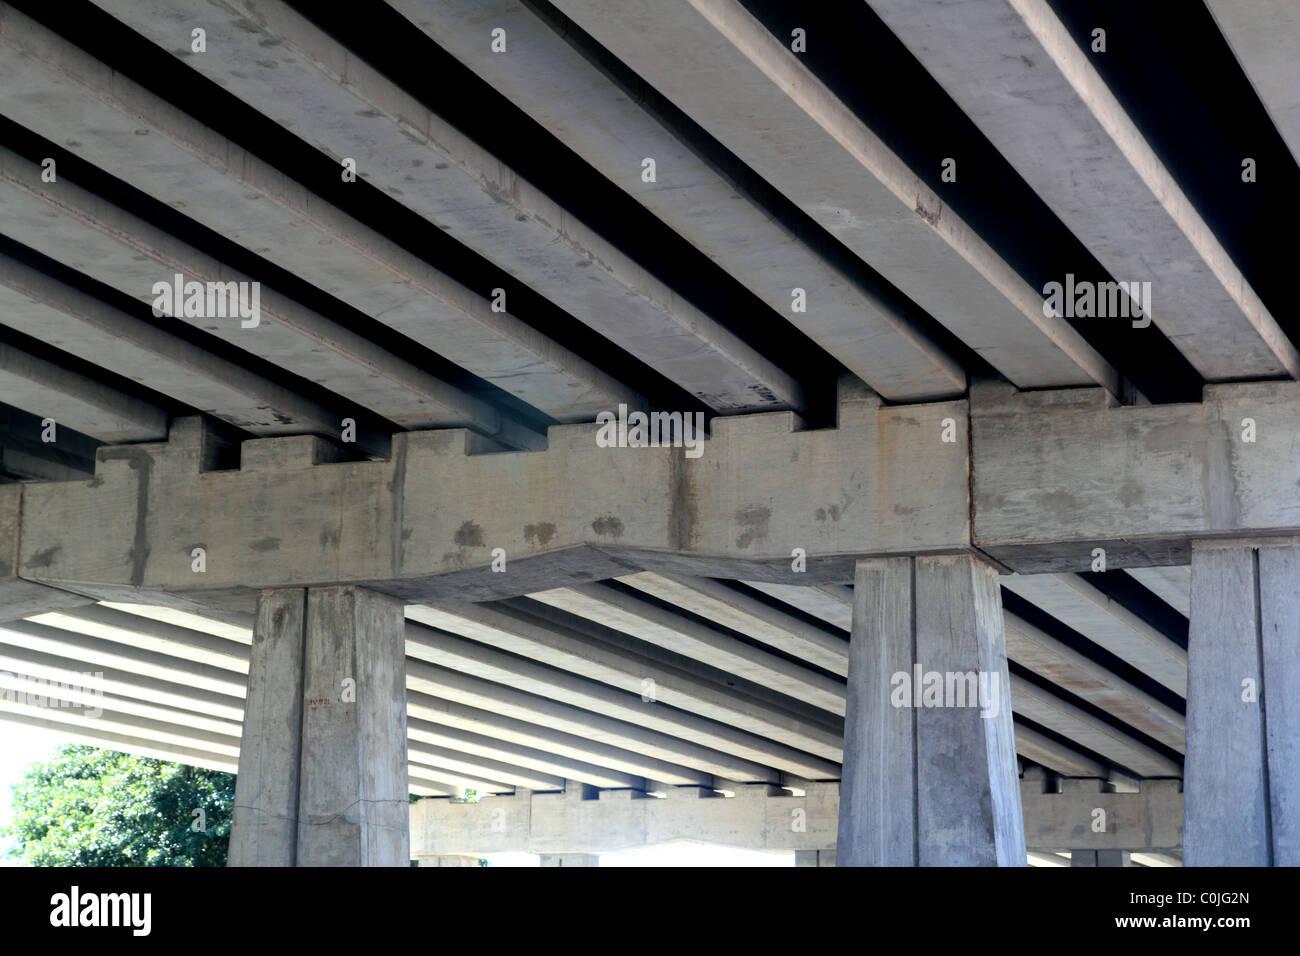 bridge engineery beams and concrete columns - Stock Image